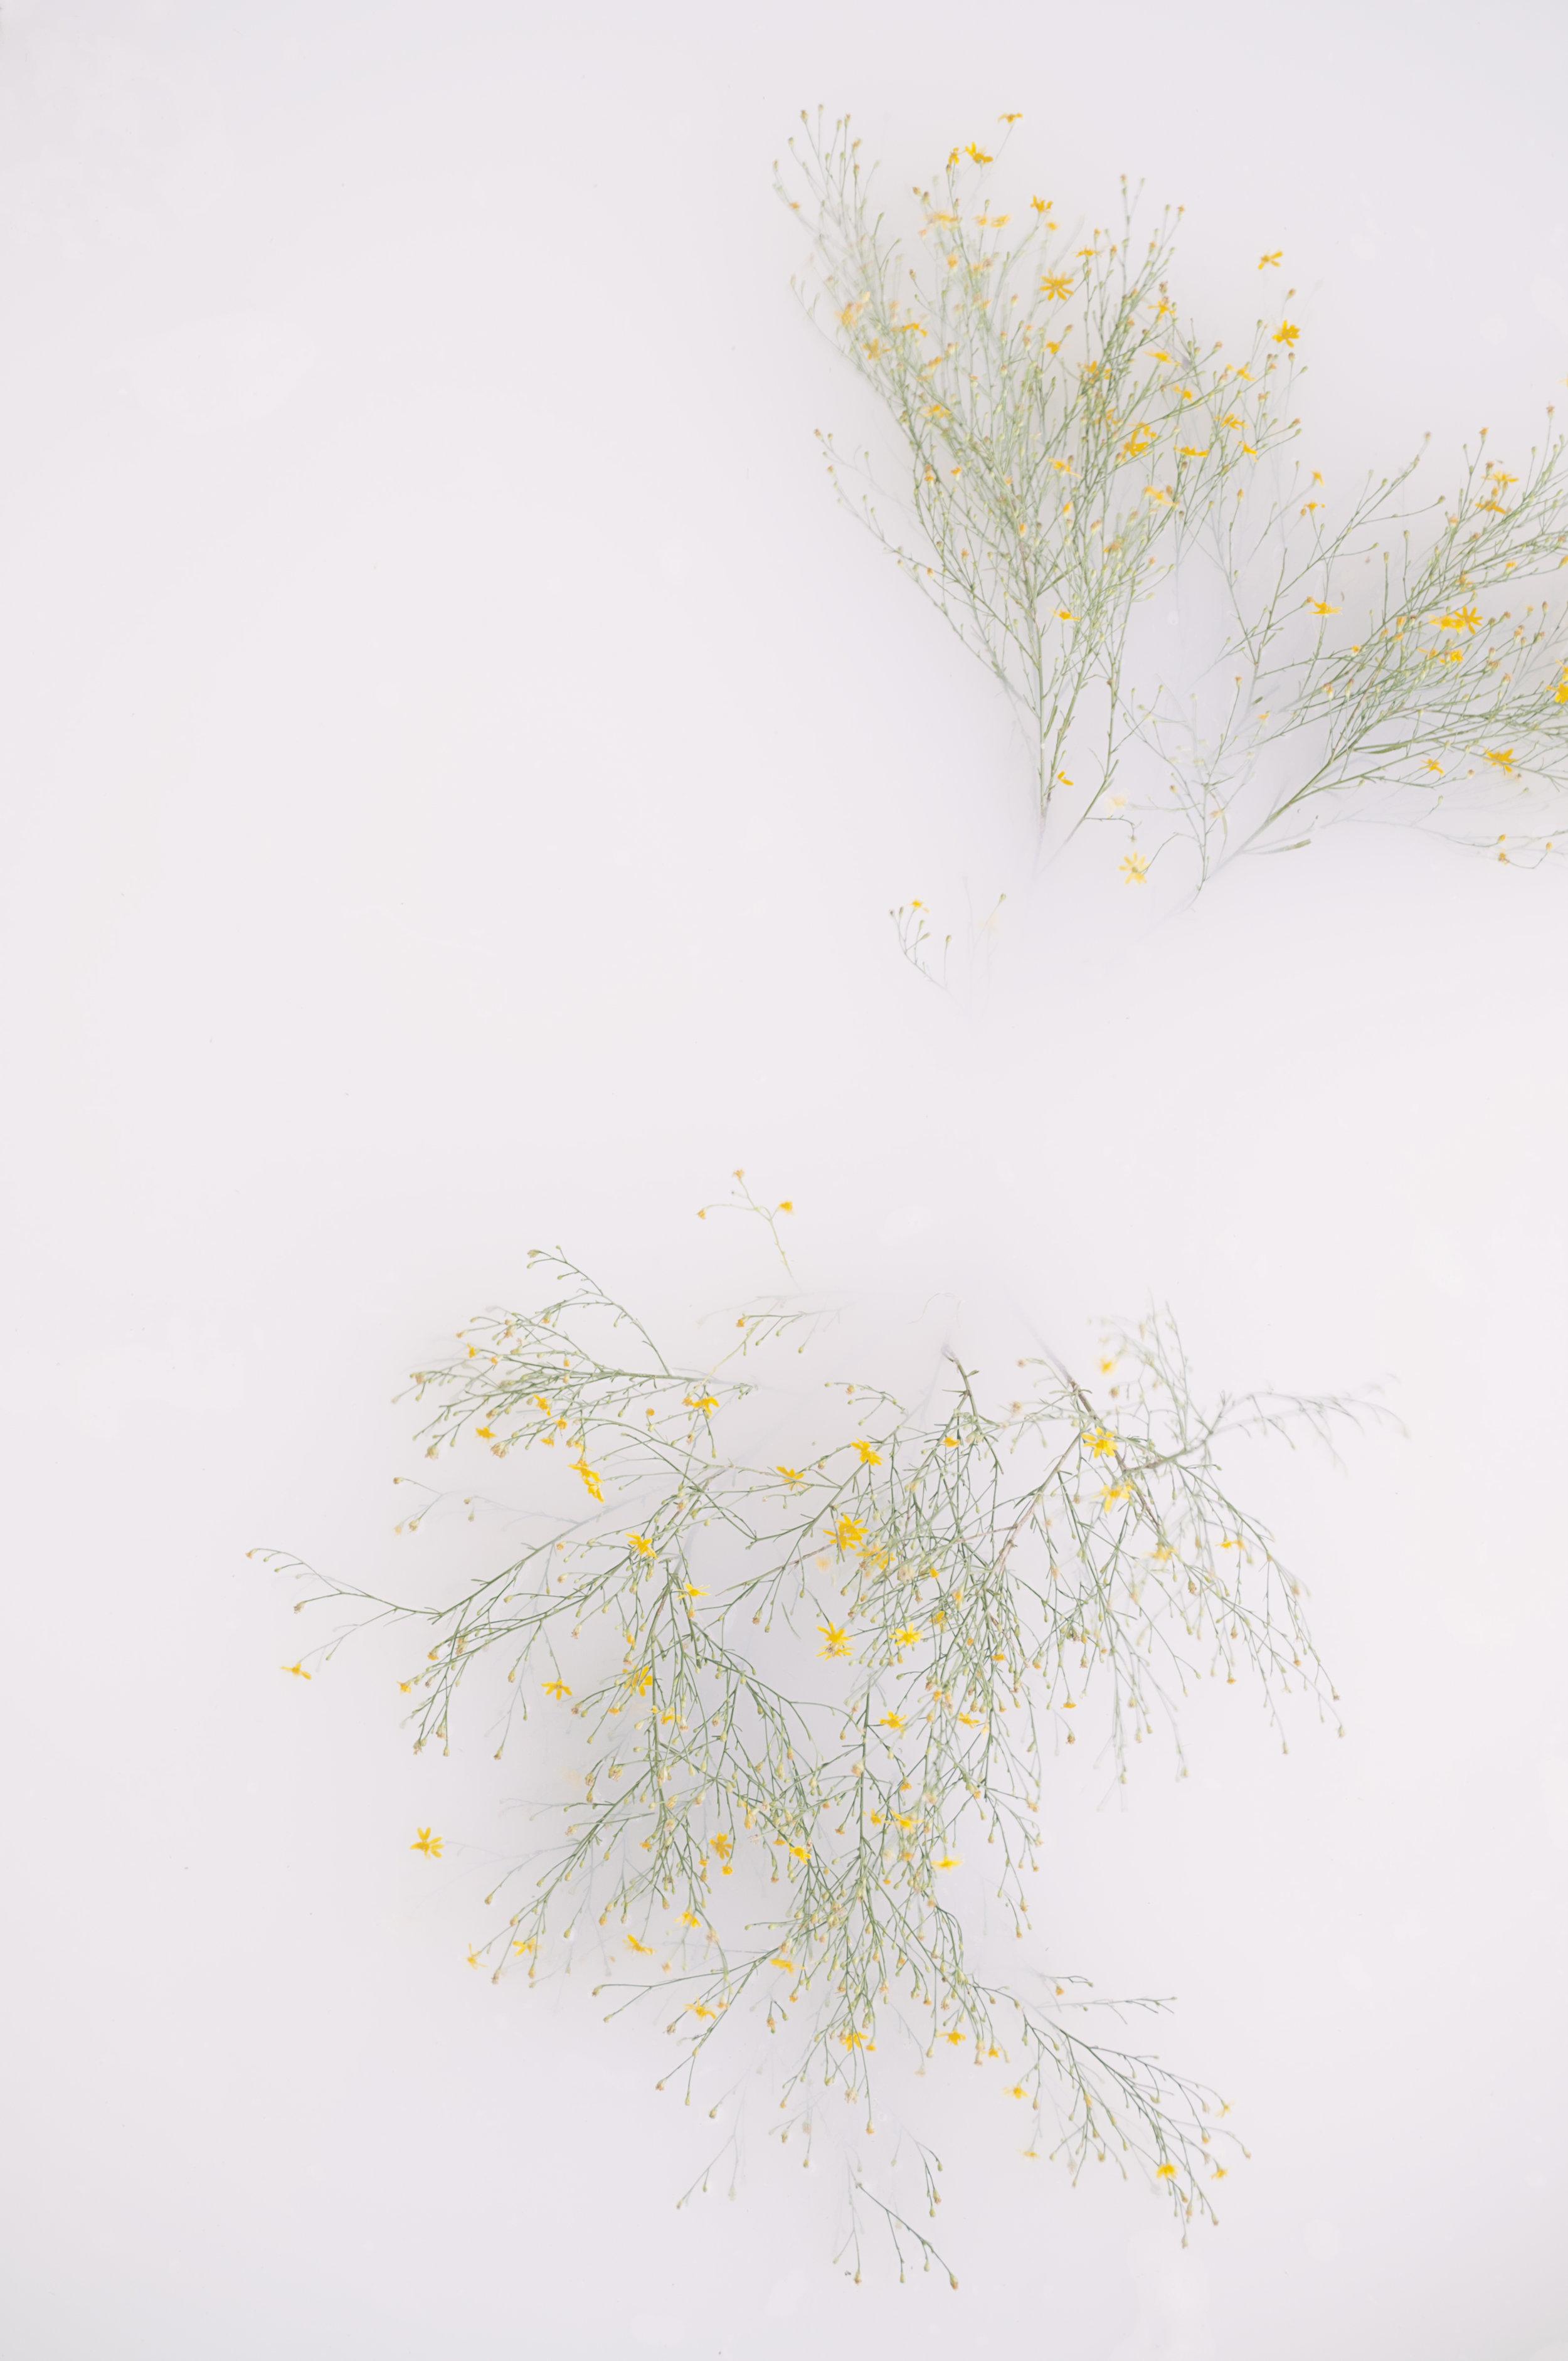 Nature_Detail_Flower003.jpg